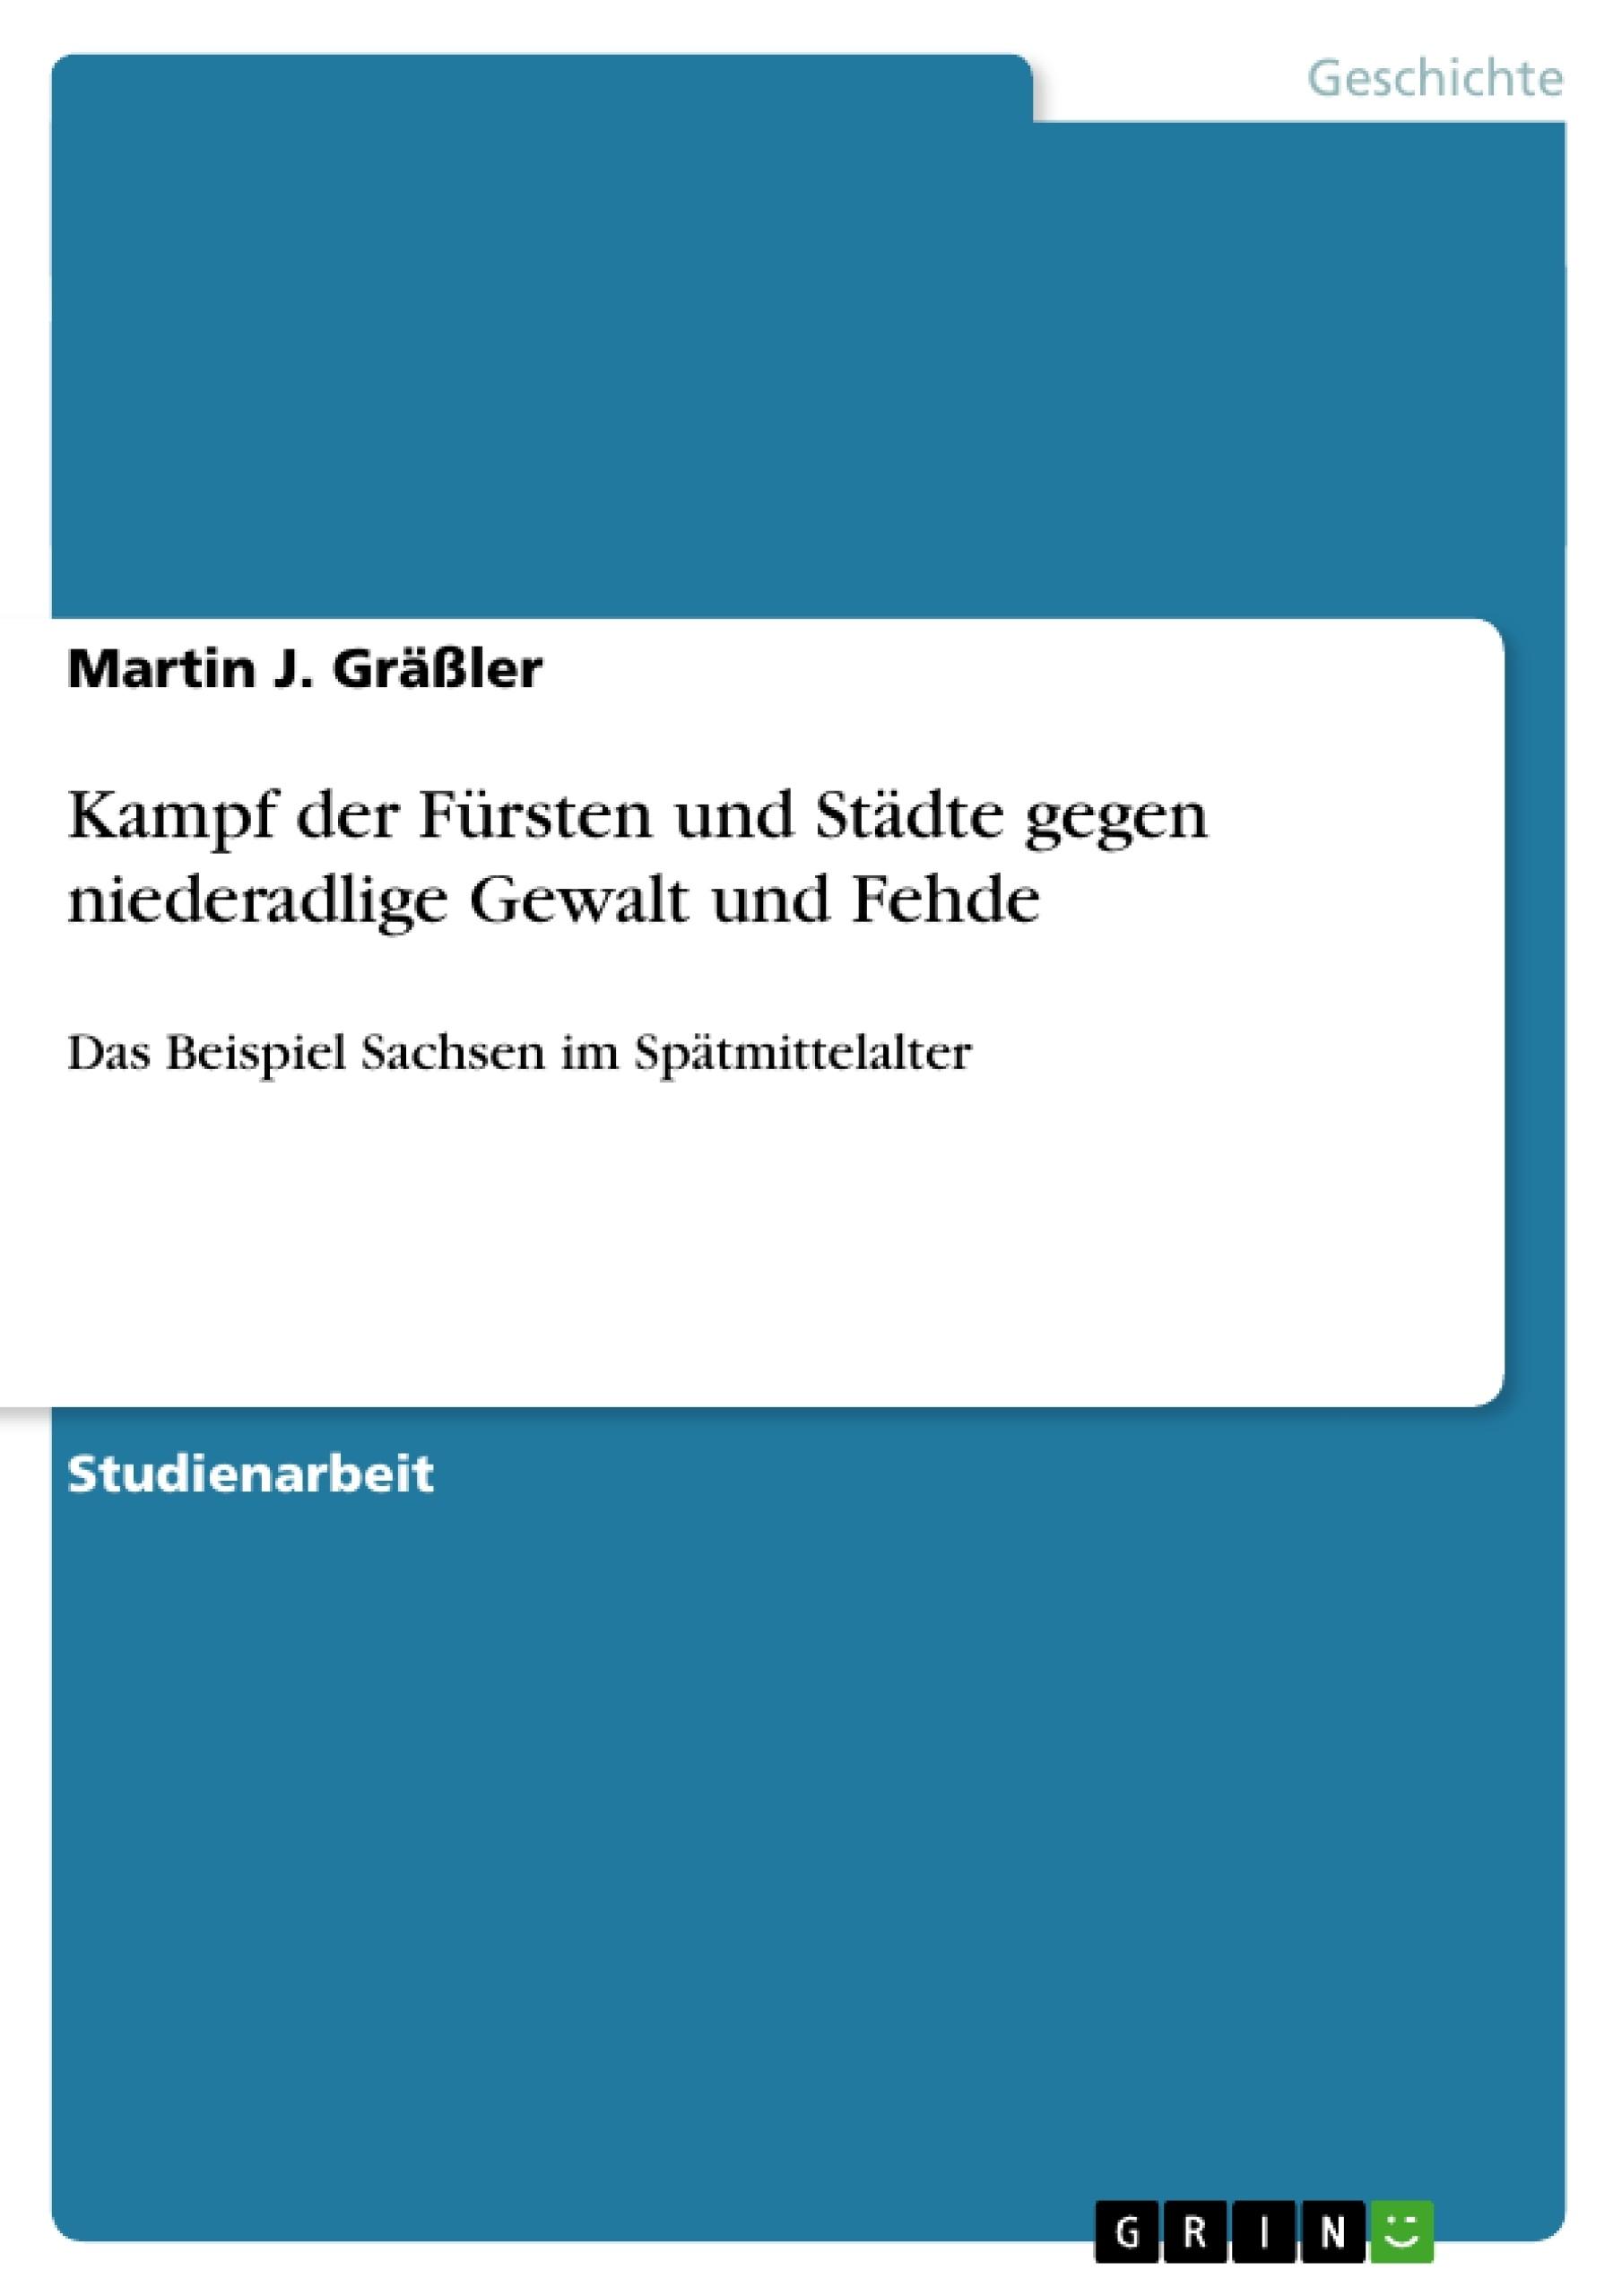 Titel: Kampf der Fürsten und Städte gegen niederadlige Gewalt und Fehde